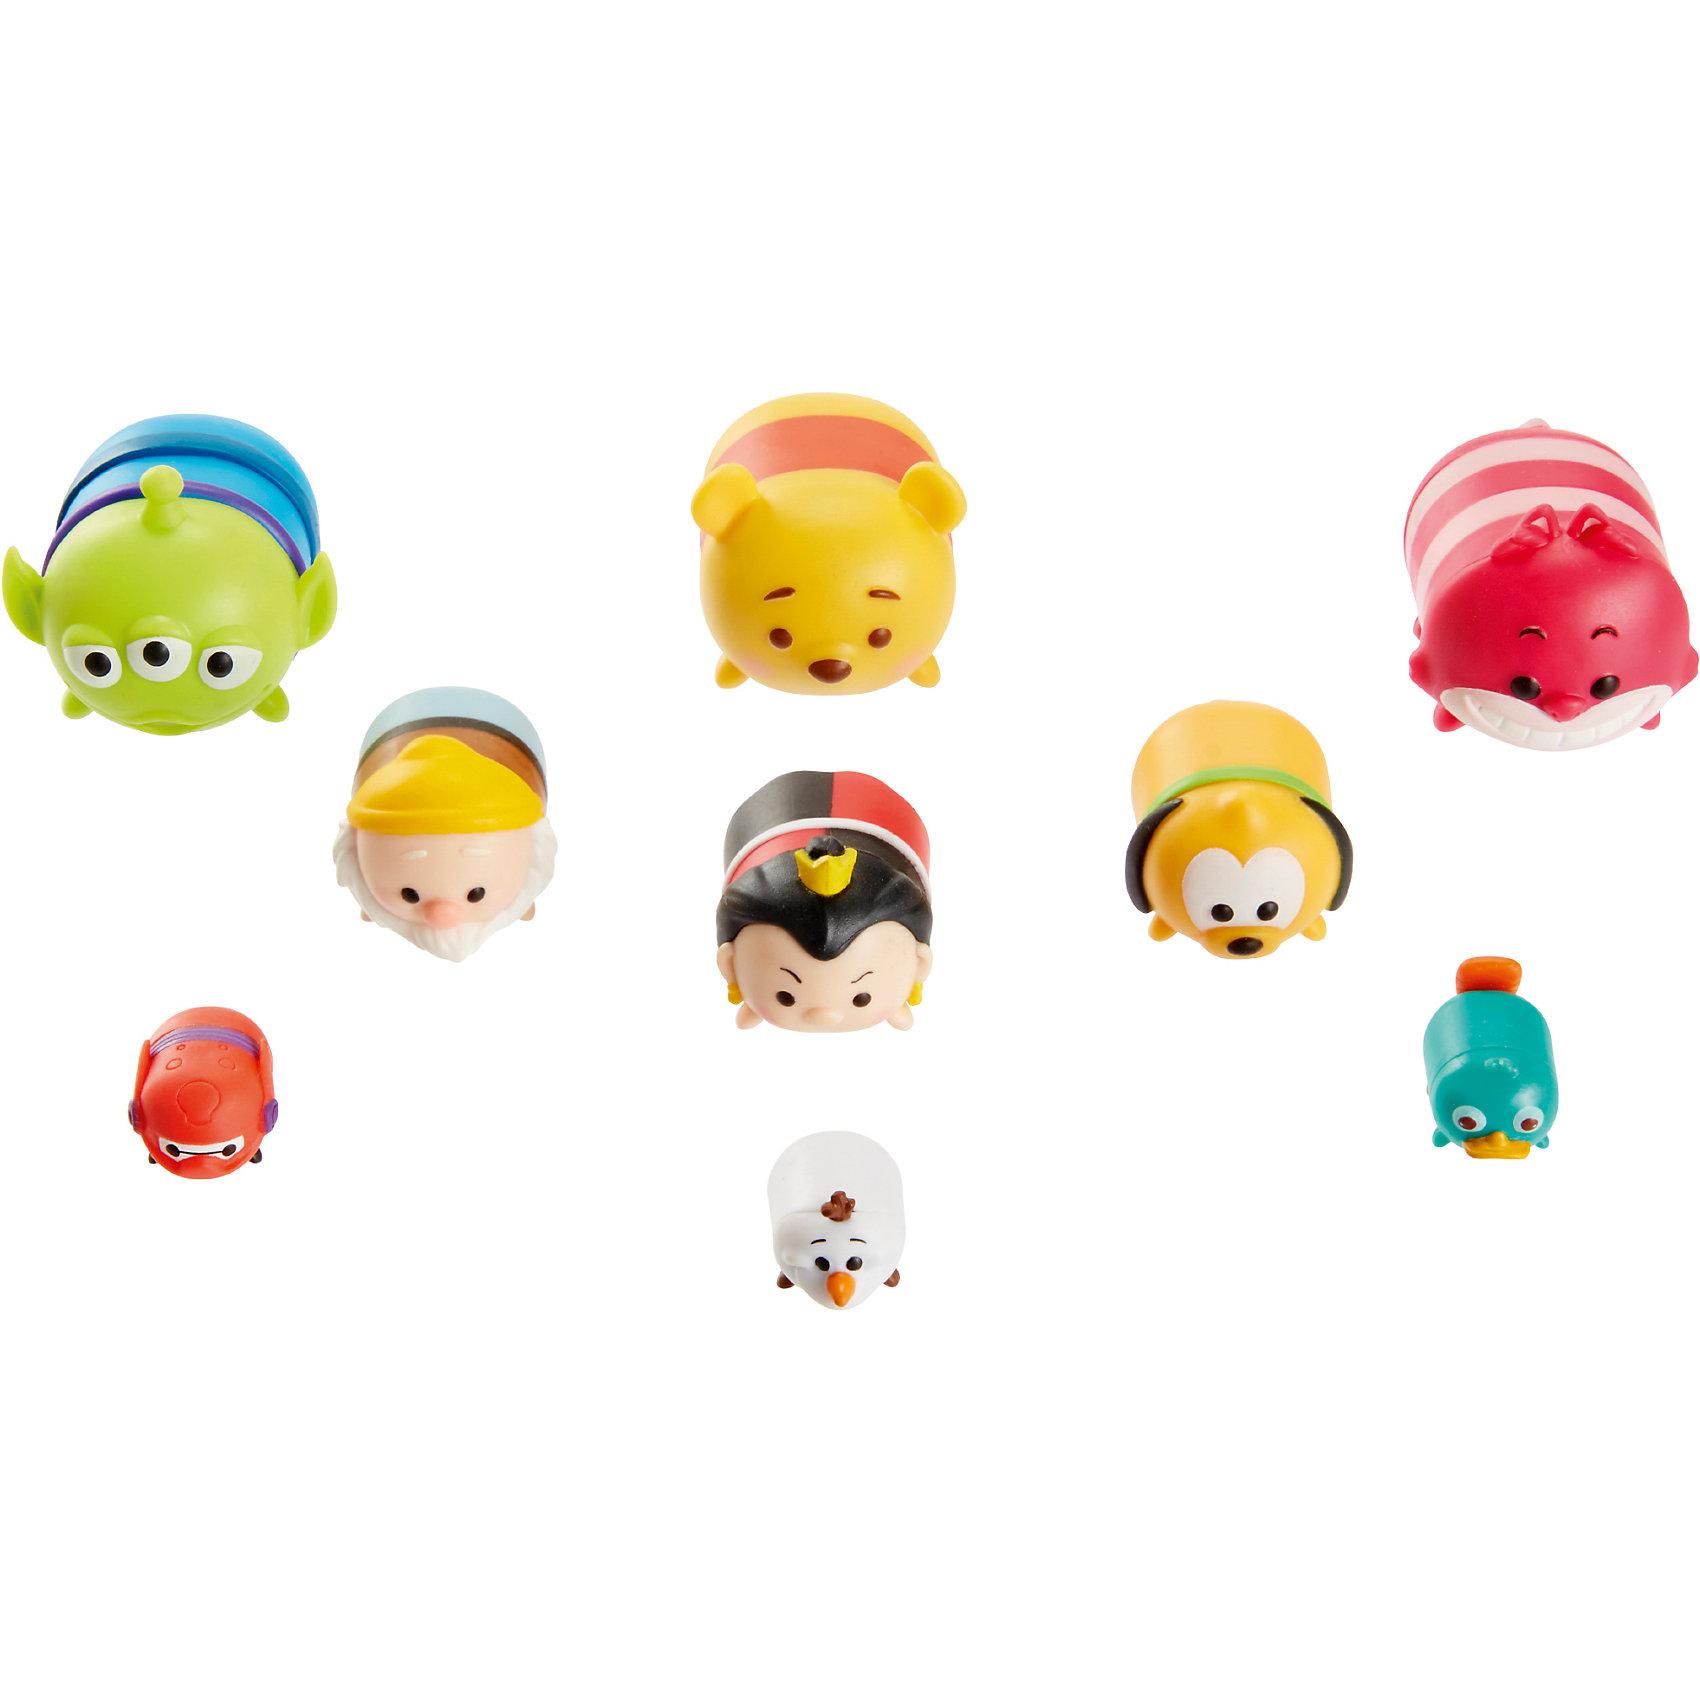 Фигурка коллекционная Tsum Tsum, 9 шт в набореНовейшие коллекционные игрушки серии Tsum Tsum. Каждая игрушка своего размера, их можно сажать на спинки друг друга. Каждая фигурка изображает любимых детских персонажей из мультфильмов. В наборах можно найти: котенка Фигаро, Гуфи, Винни-Пух, Пятачка, Дональда Дака, киску Мари, Ститча, Микки Мауса, Золушку, слоненка Дамбо, ослика Иа, Чеширского кота, снеговика Олафа и многих других. <br><br>Дополнительная информация:<br><br>- Возраст: от 3 лет.<br>- Материал: пластик.<br>- В наборе 9 игрушек.<br>- Размер упаковки: 6х18х3 см.<br><br>Купить коллекционные фигурки Tsum Tsum, в ассортименте, можно в нашем магазине.<br><br>Ширина мм: 230<br>Глубина мм: 55<br>Высота мм: 180<br>Вес г: 219<br>Возраст от месяцев: 72<br>Возраст до месяцев: 144<br>Пол: Унисекс<br>Возраст: Детский<br>SKU: 4929095